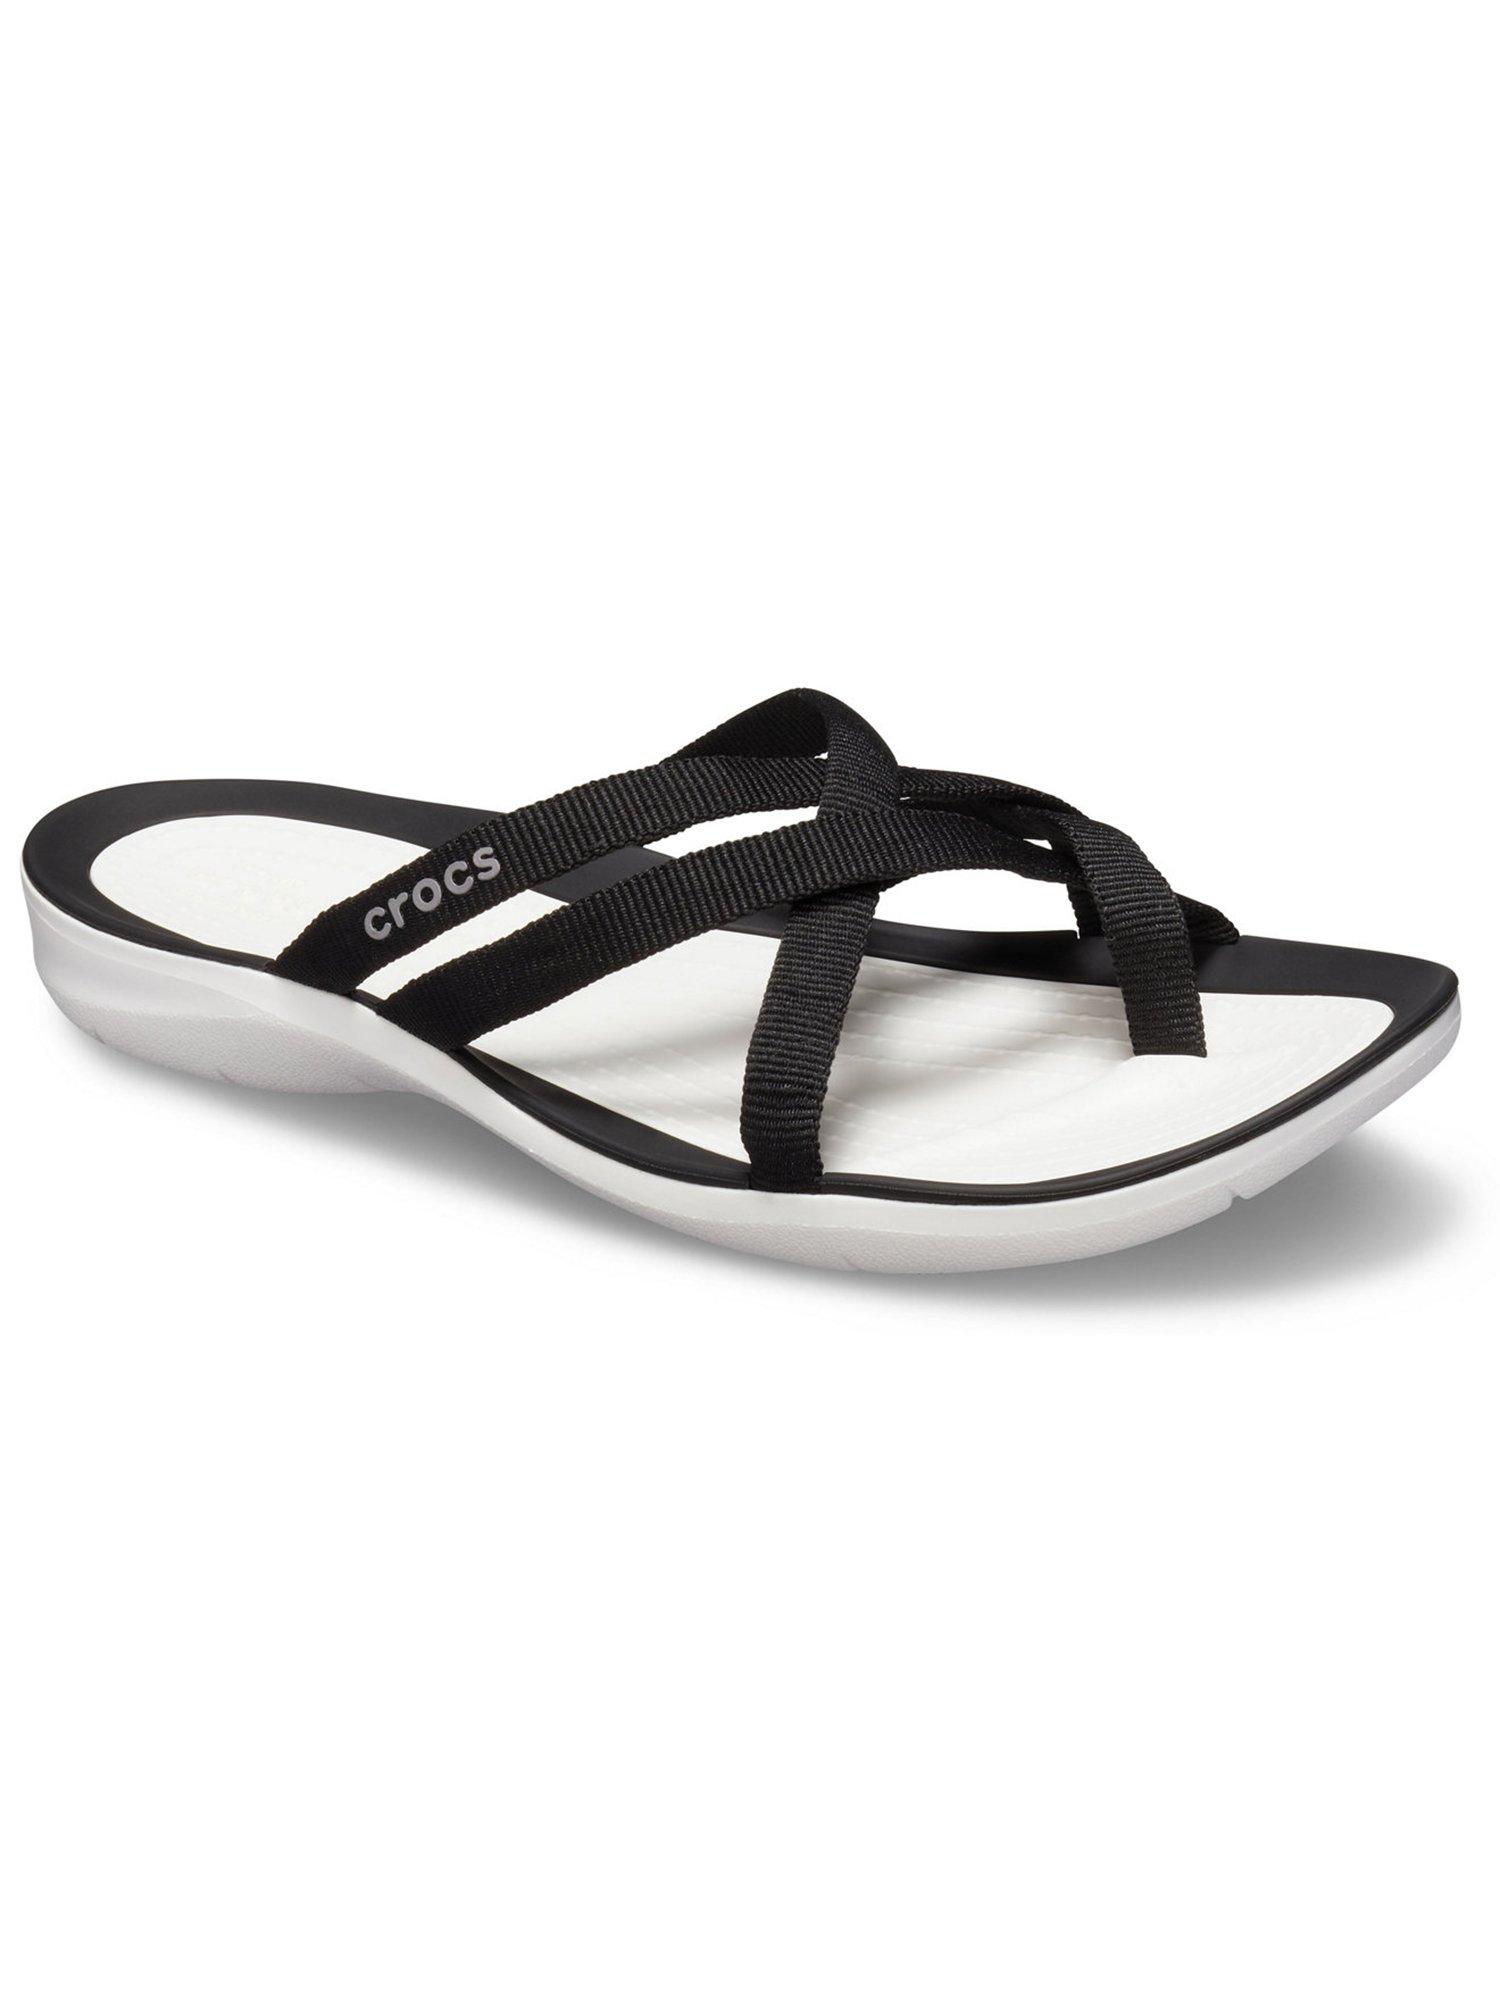 crocs black solid open toe flats